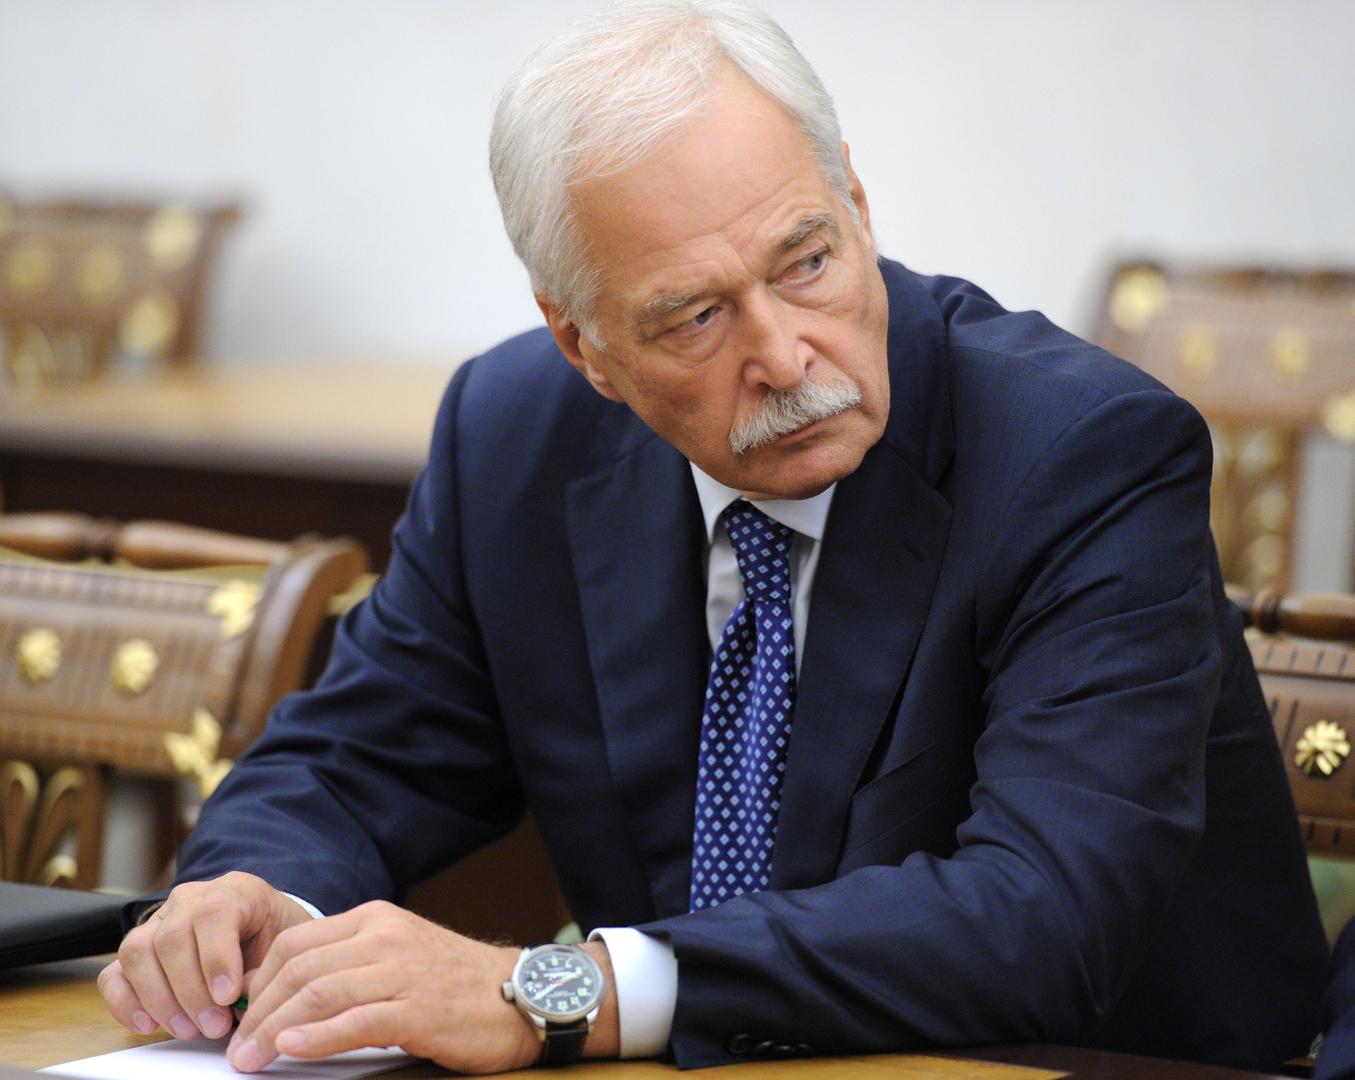 المفوض الروسي في مجموعة الاتصال الخاصة بتسوية النزاع في منطقة دونباس بشرق أوكانيا، بوريس غريزلوف